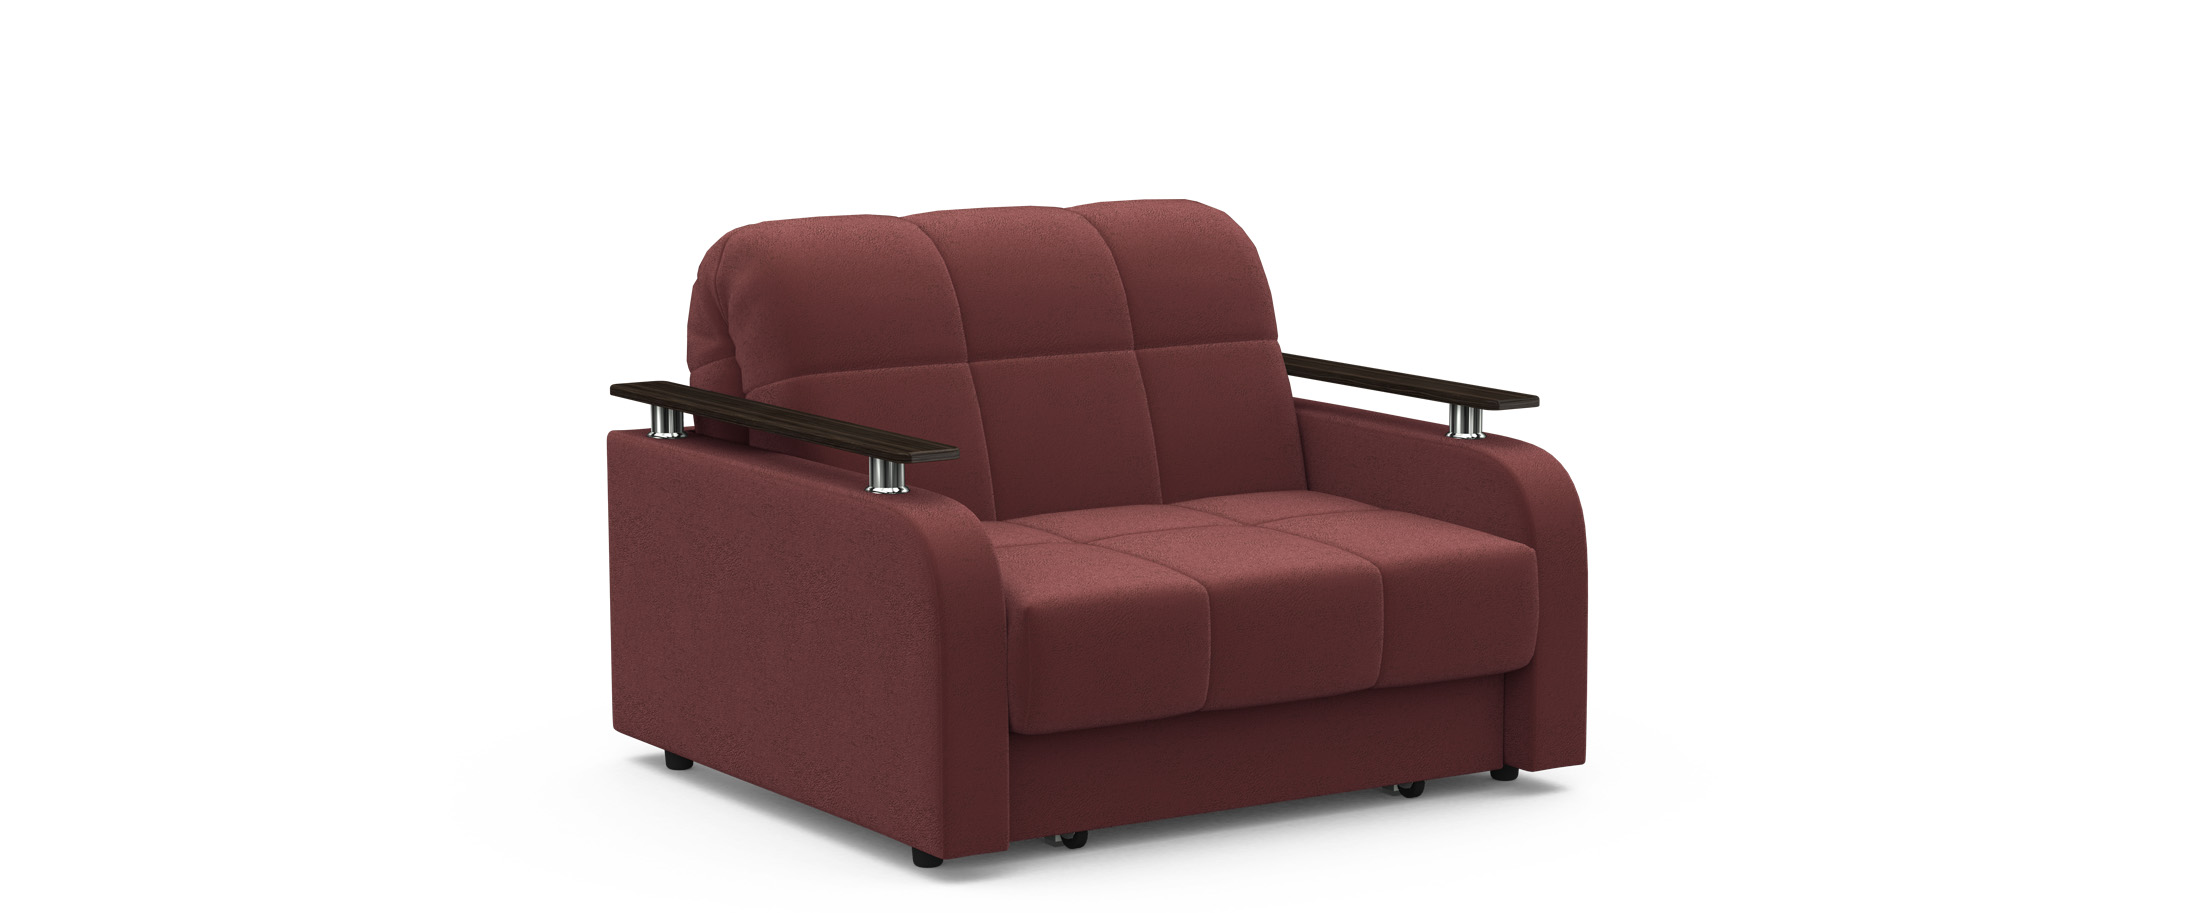 Кресло раскладное Карина 044Купить бордовое кресло-кровать Карина 044. Доставка от 1 дня. Подъём, сборка, вынос упаковки. Гарантия 18 месяцев. Интернет-магазин мебели MOON TRADE.<br>